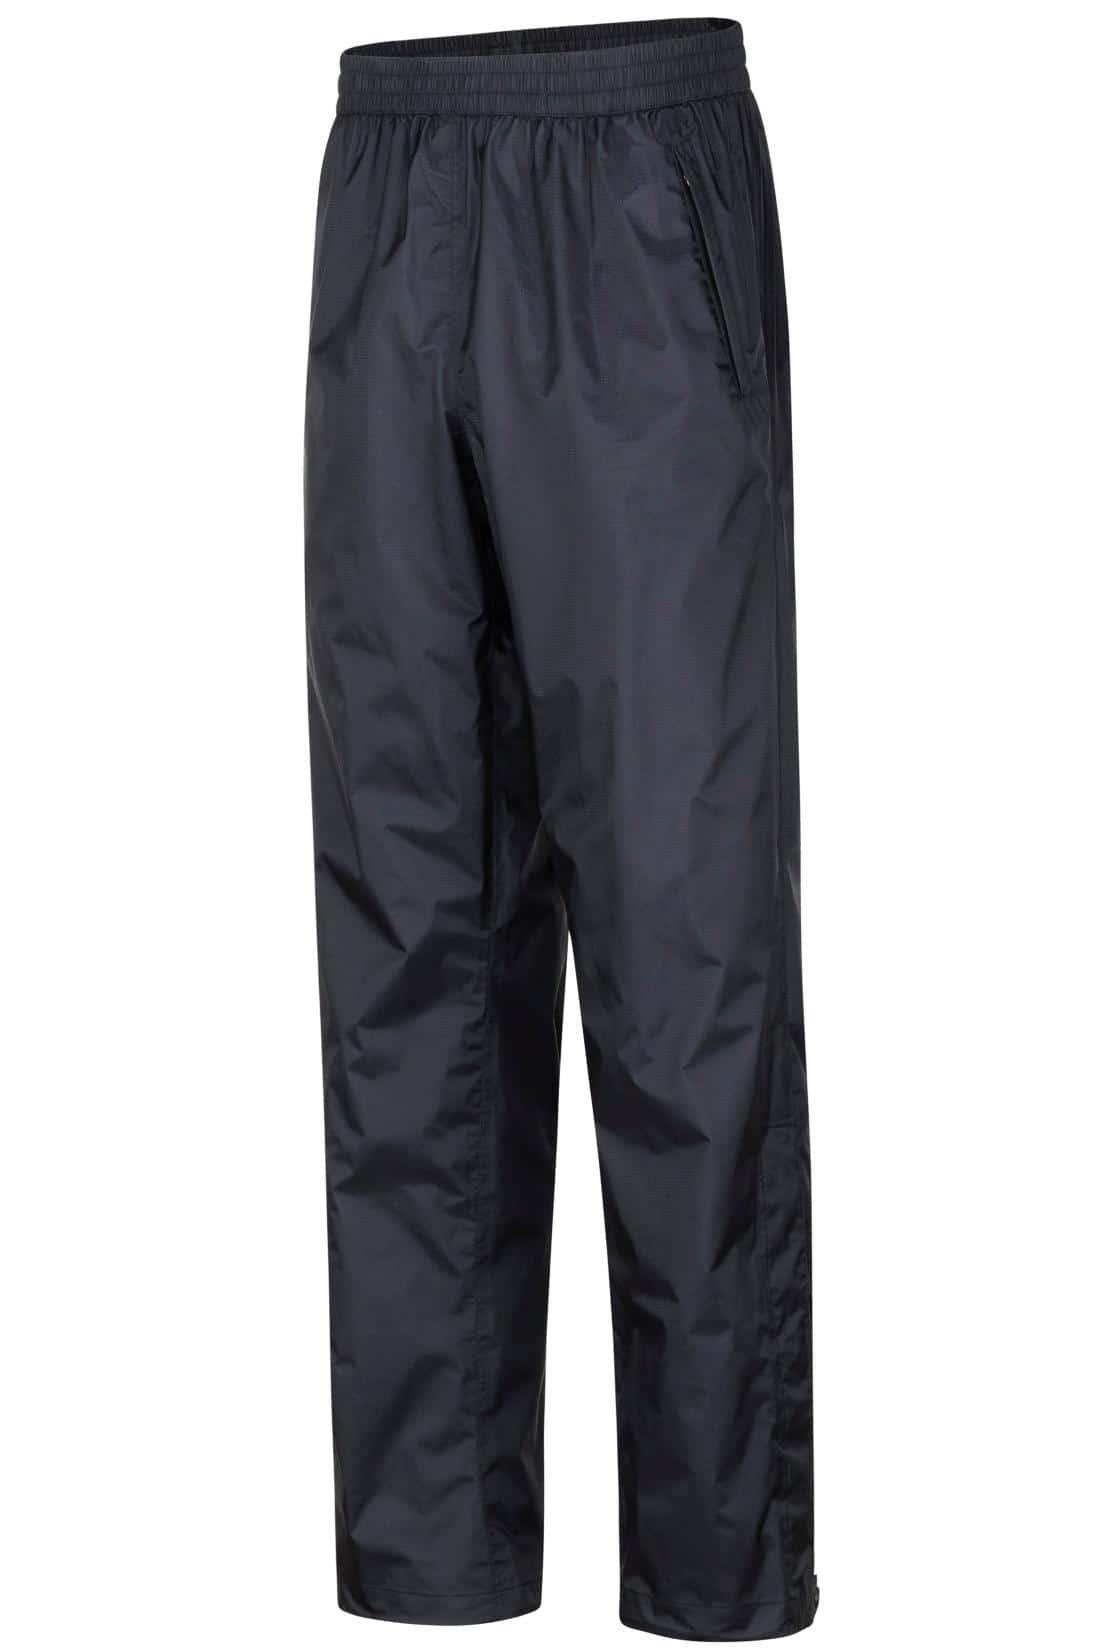 Marmot-PreCip Eco Pant - Men's